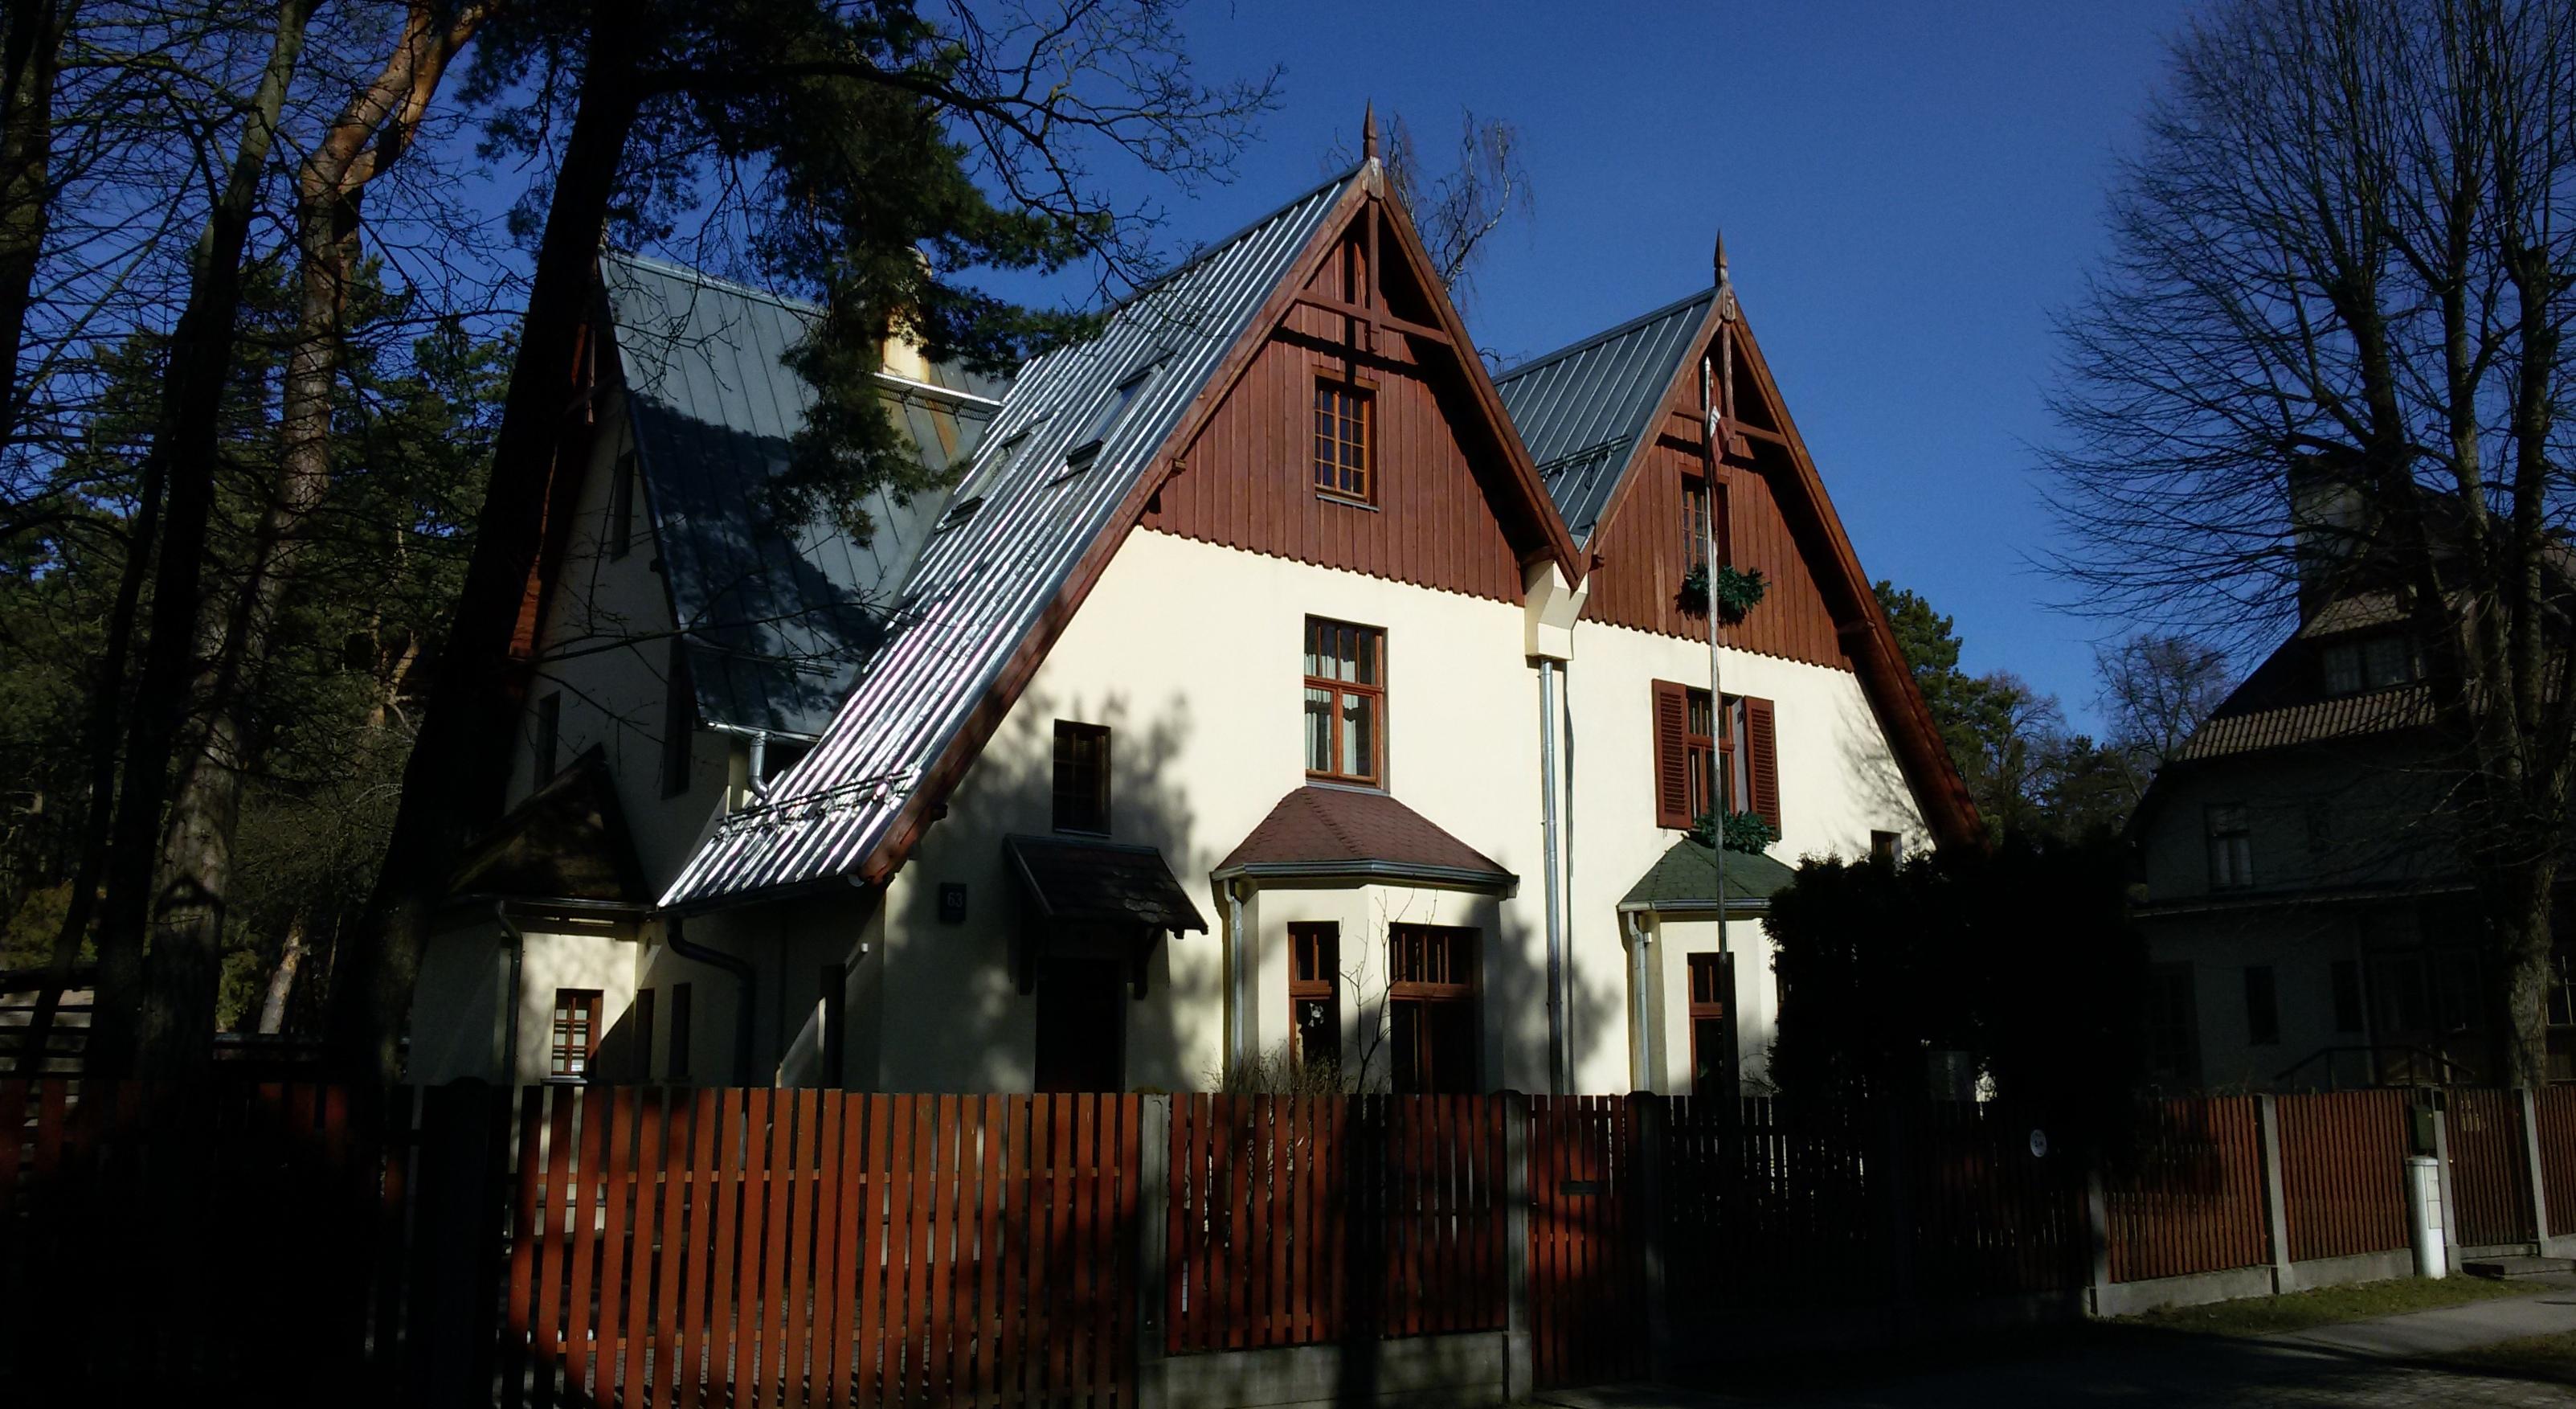 Дома-близнецы по адресу ул. Стокхолмас 61/63, архитектор Г. фон Тизенгаузен, 1911 год.